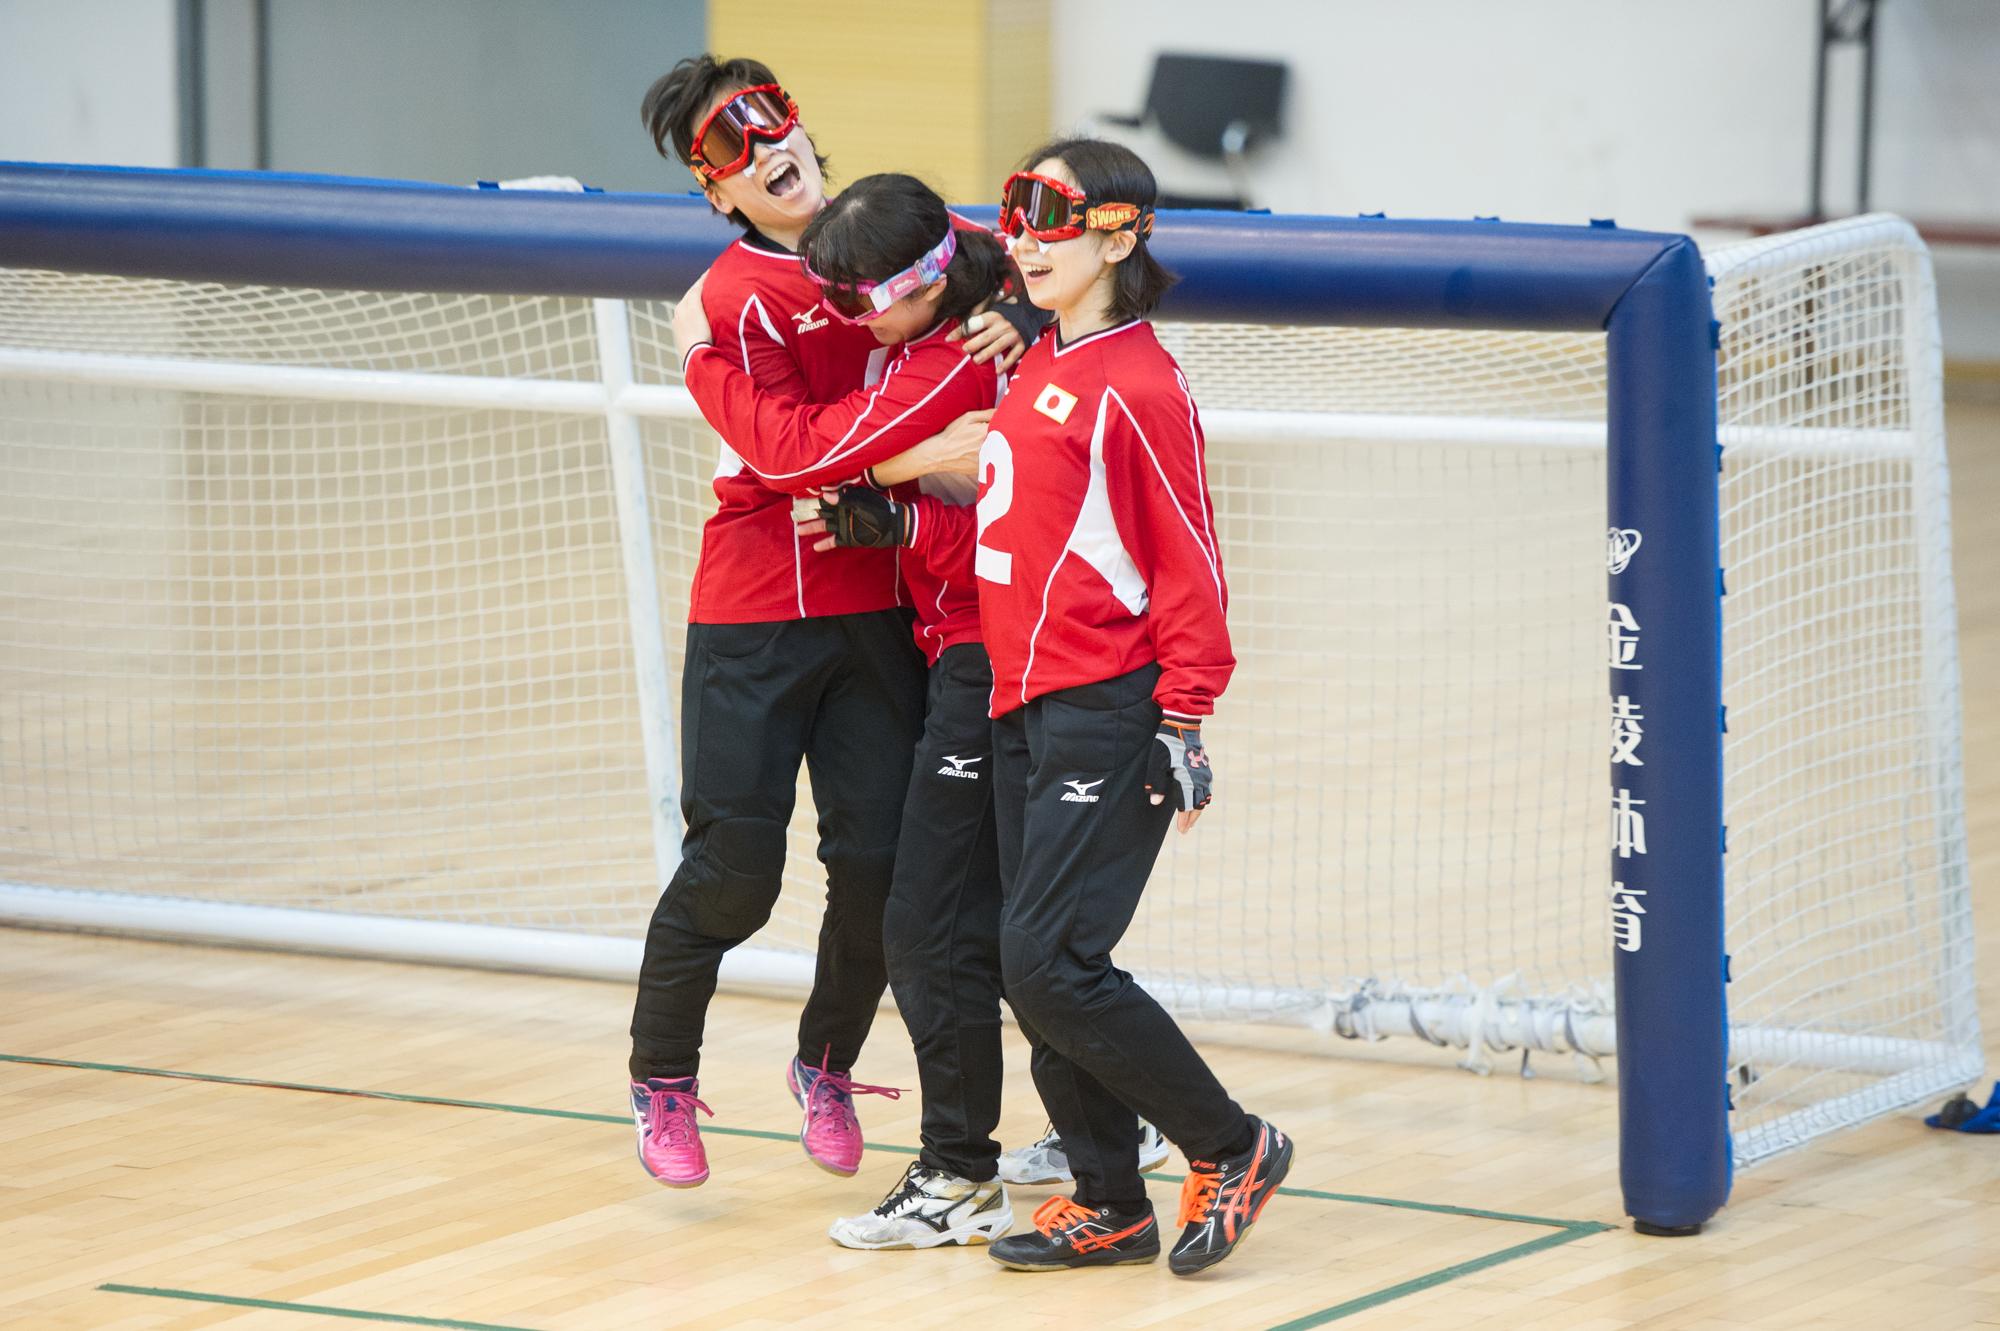 1−0で中国を下し、リオ出場権を勝ちとったゴールボール女子日本代表。左から、安達阿記子、若杉遥、浦田理恵 写真提供:一般社団法人日本ゴールボール協会、撮影/市川亮